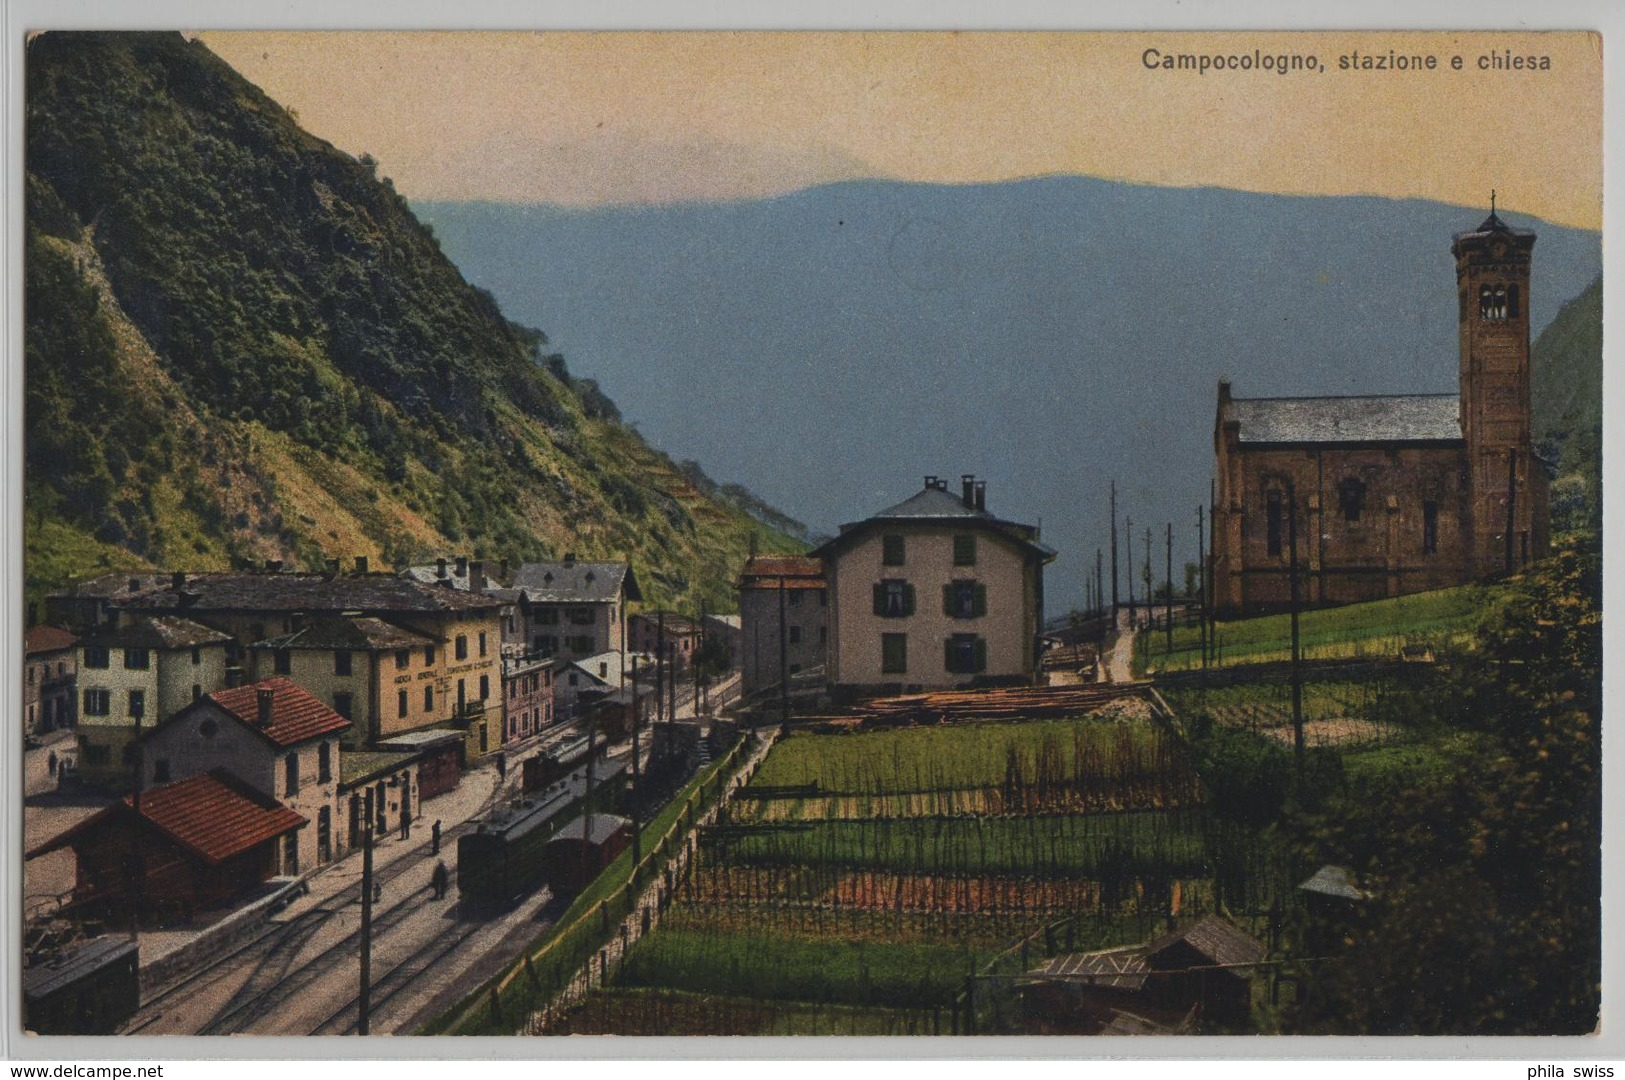 Campocologno, Stazione E Chiesa - Photo: Carl Künzli - GR Grisons